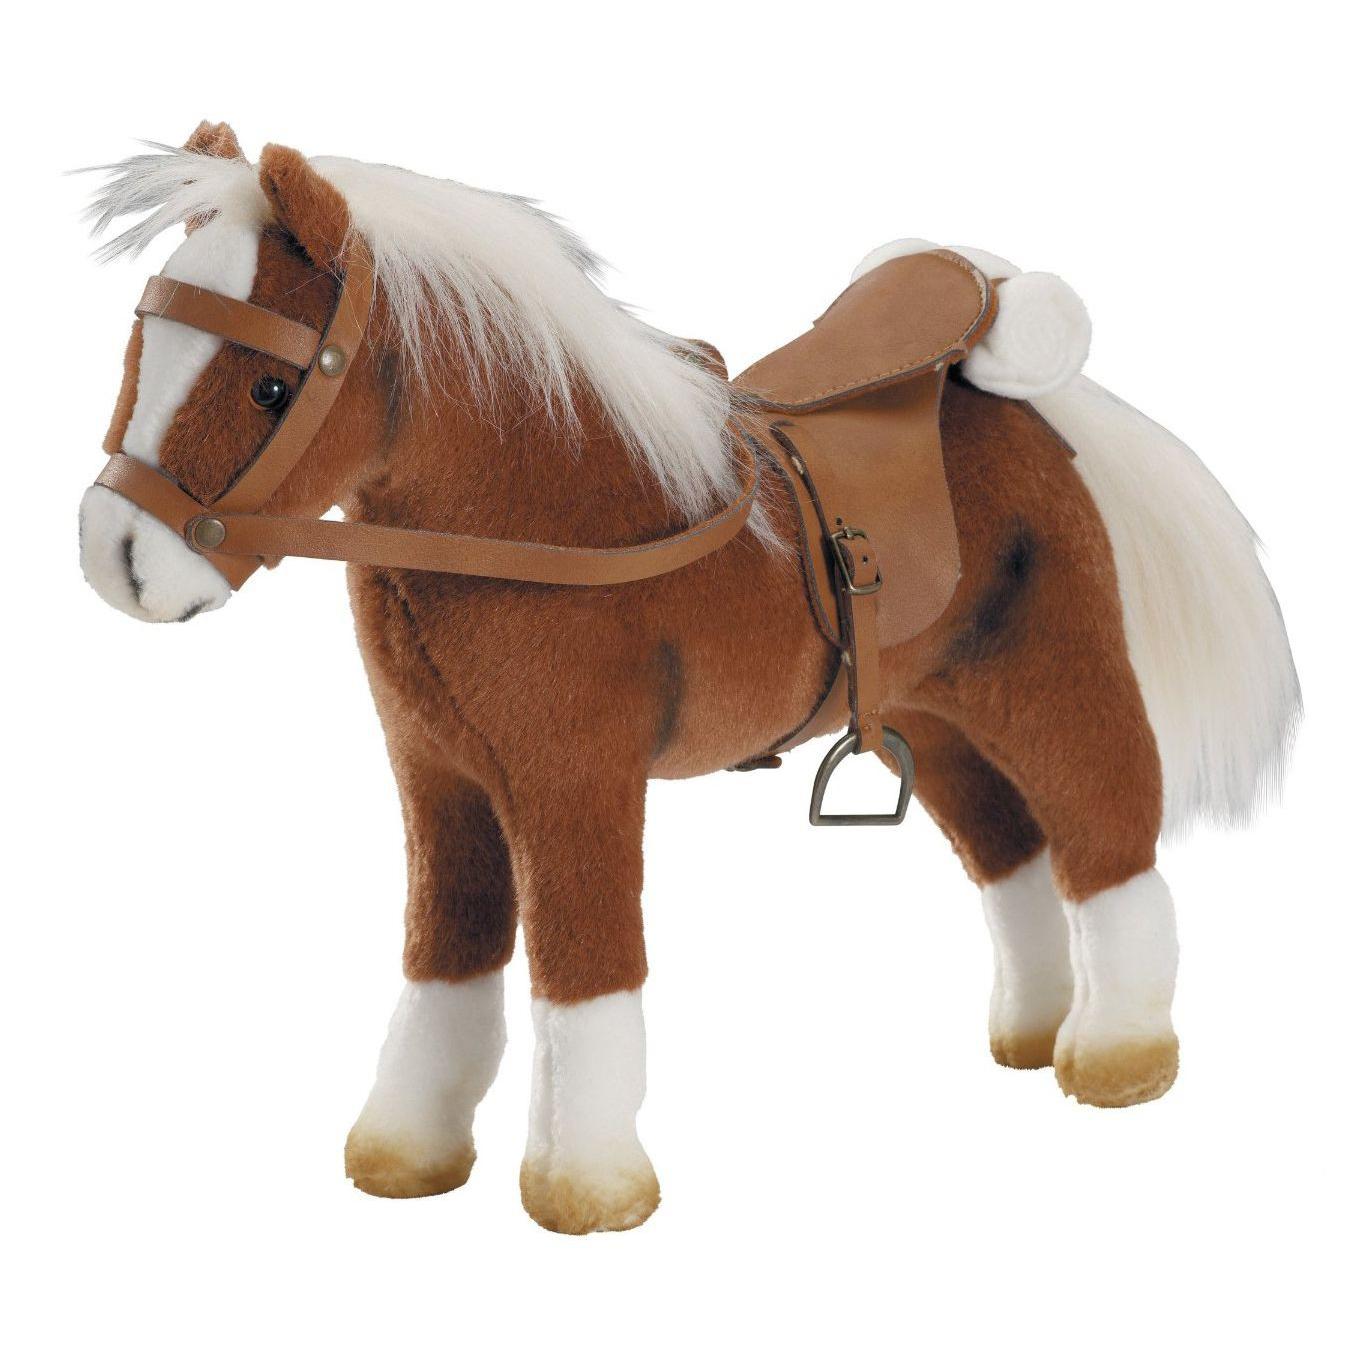 Мягкая игрушка - Коричневая лошадь с седлом и уздечкойЖивотные<br>Мягкая игрушка - Коричневая лошадь с седлом и уздечкой<br>